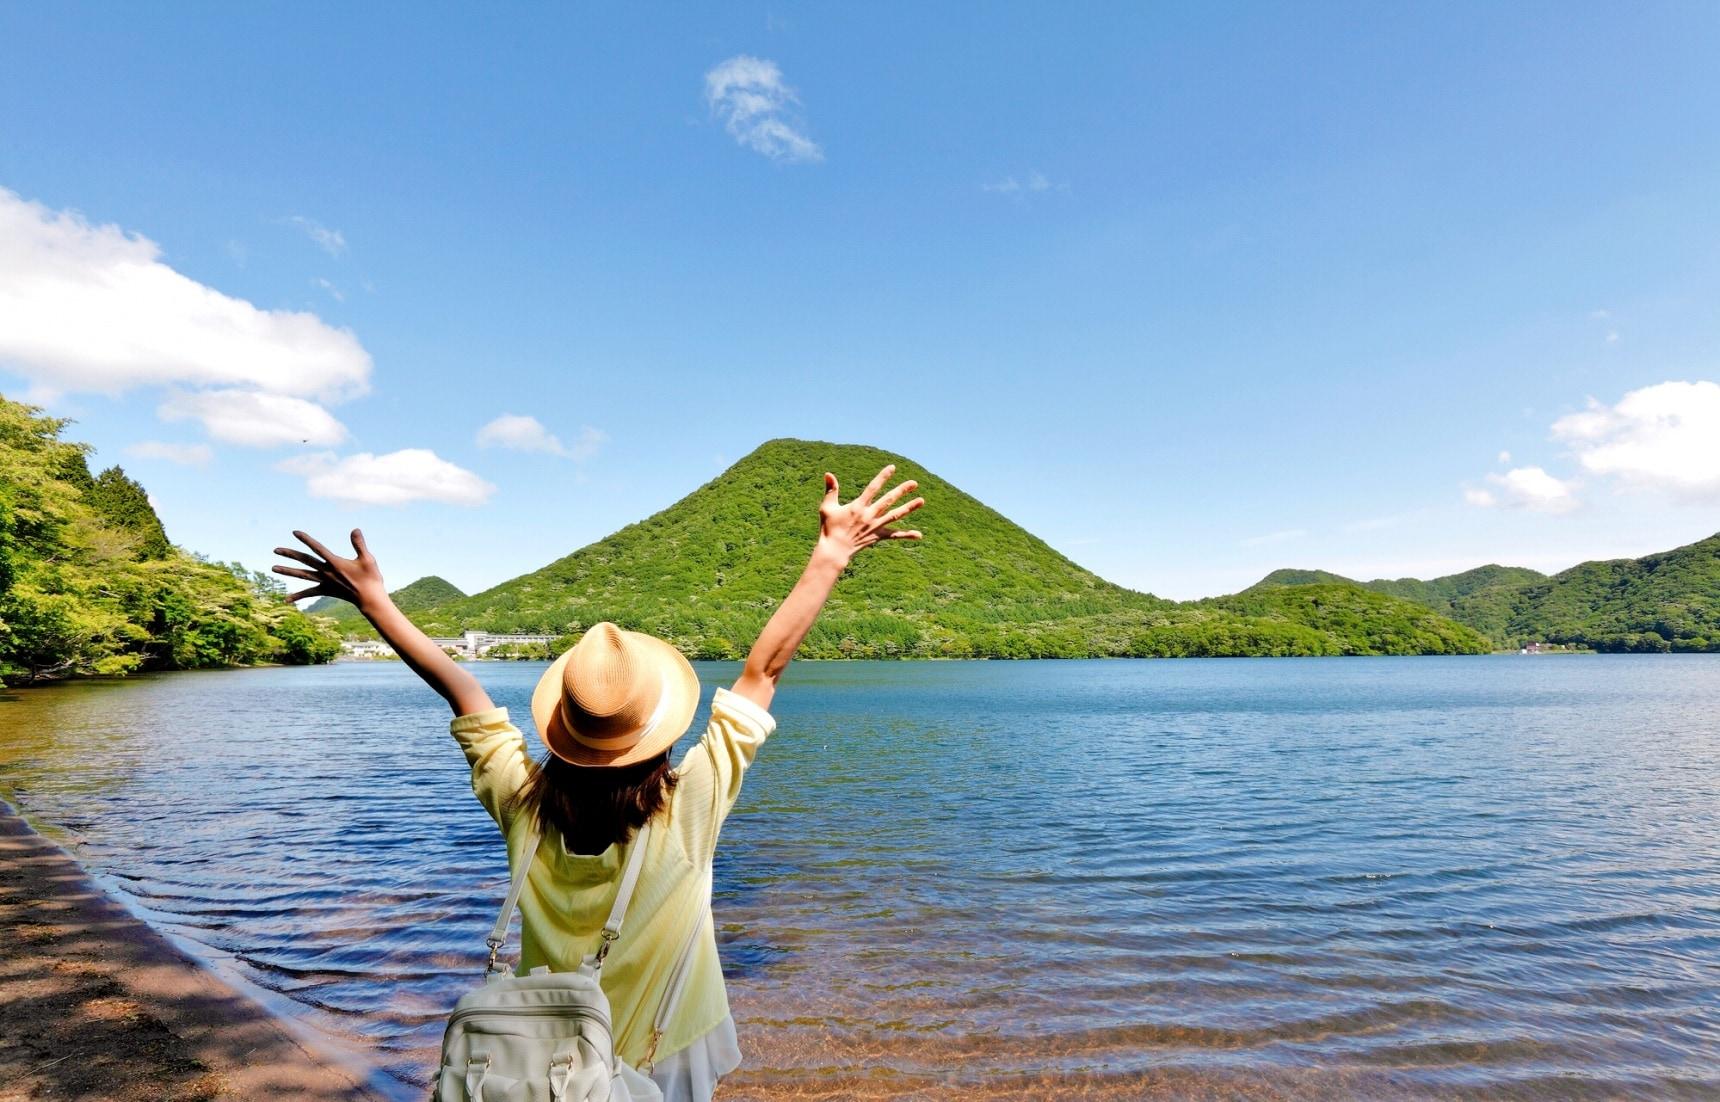 日本群马:朝圣《头文字D》!远离喧嚣的榛名山・榛名湖休闲之旅